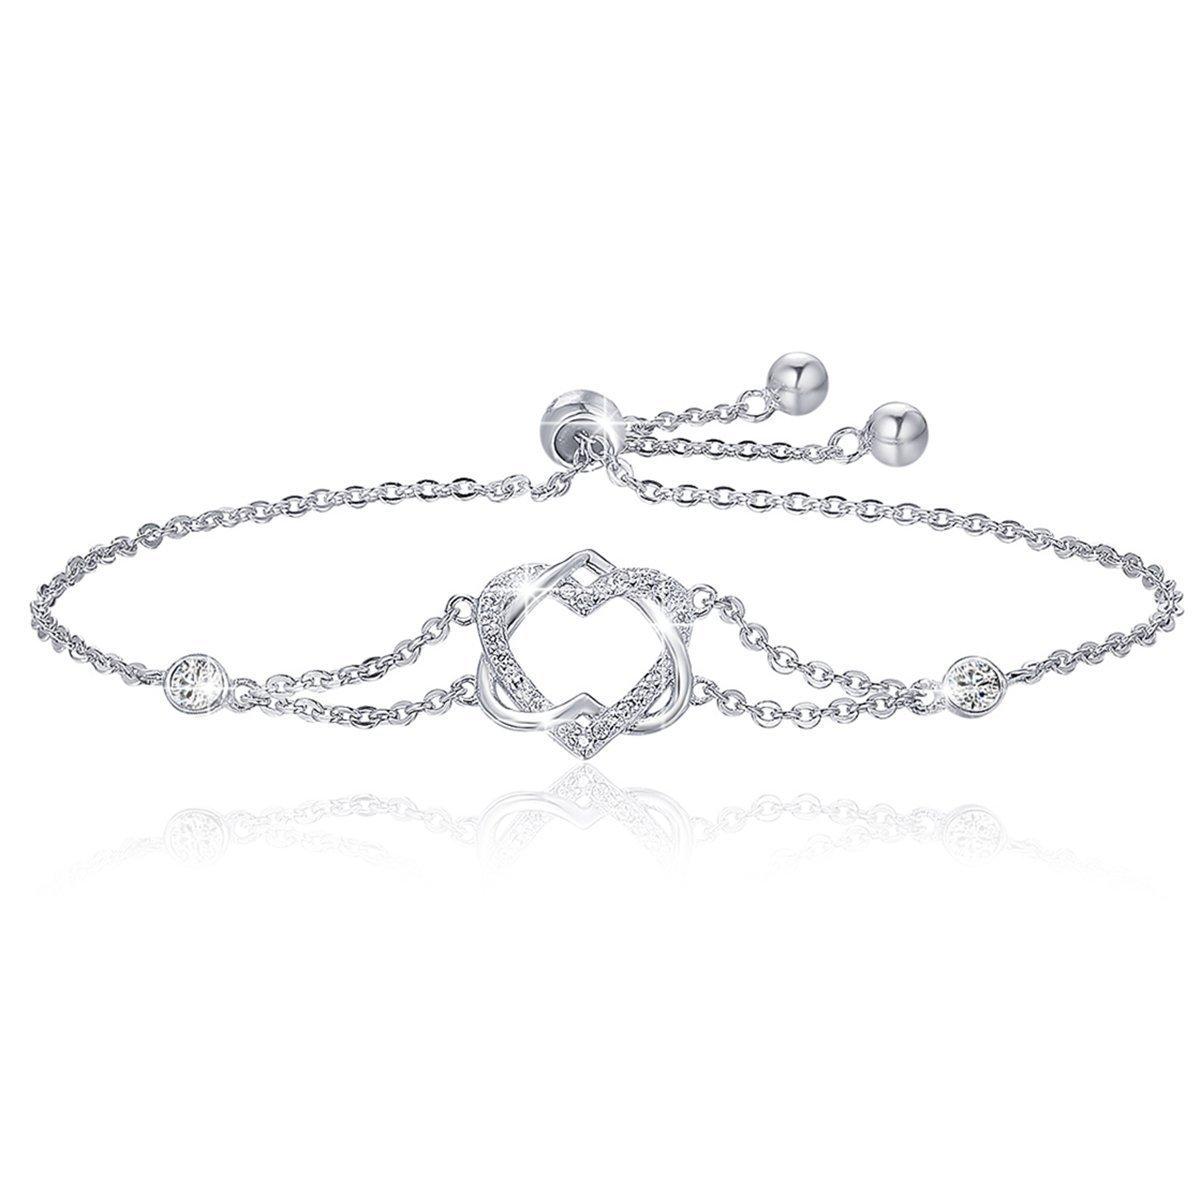 BAMOER 925 Sterling Silver Double Heart Bracelet Adjustable Chain Bracelets for Women Girls for Her